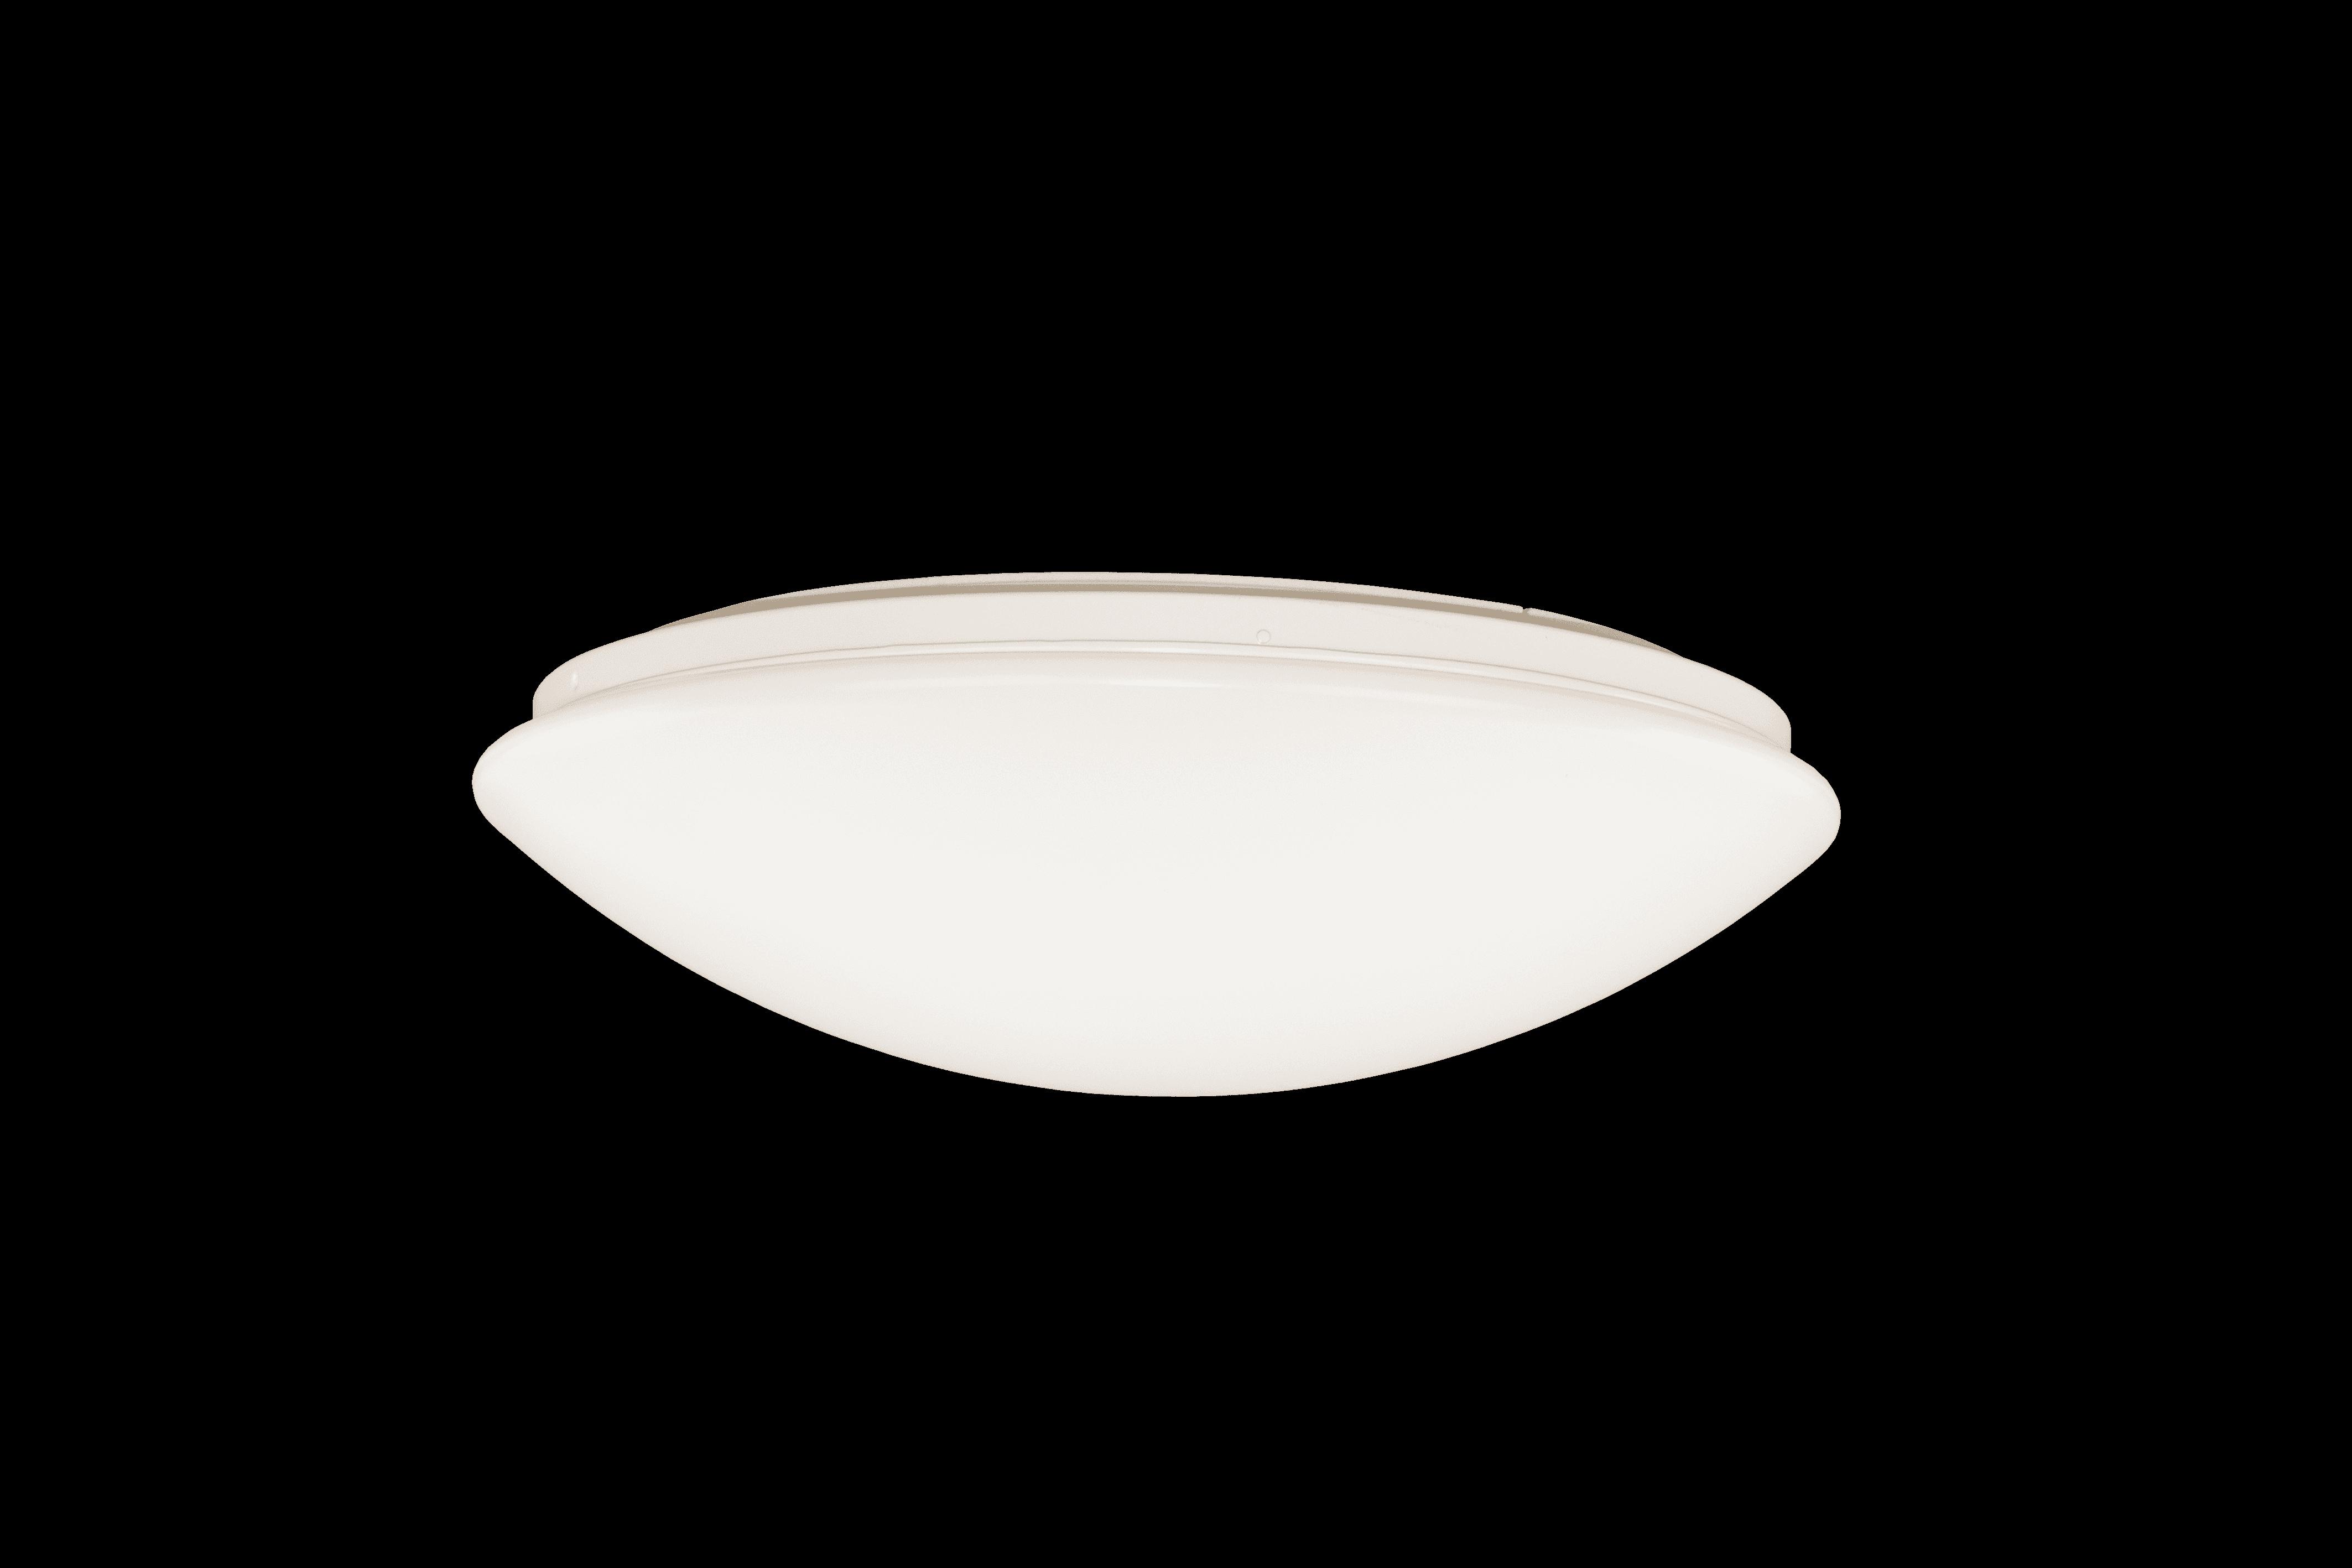 Plafoniera Con Sensore Incorporato : Cl ceiling light luxi illuminazione